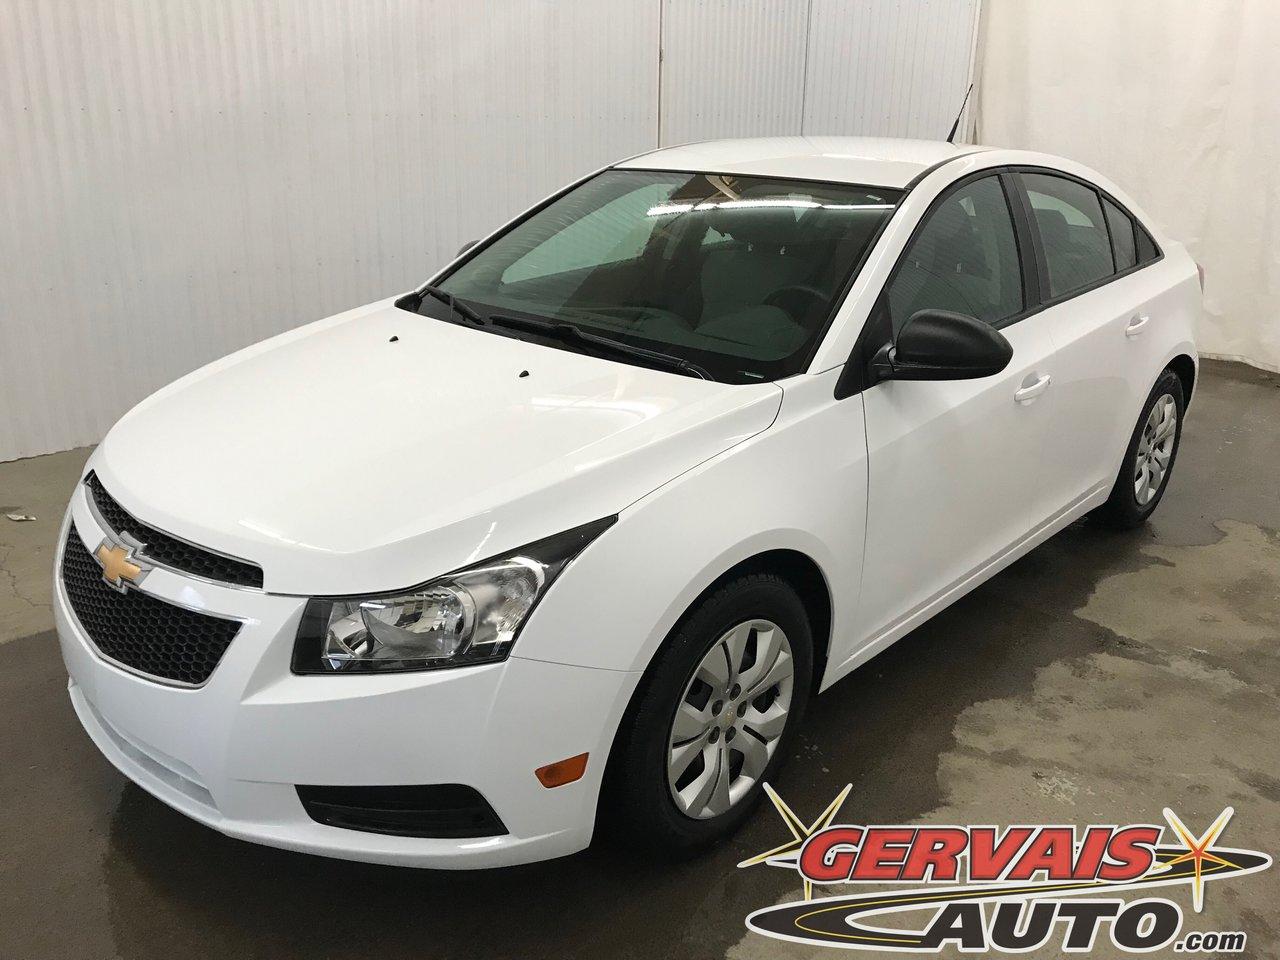 Chevrolet Cruze 2014 1LS Automatique